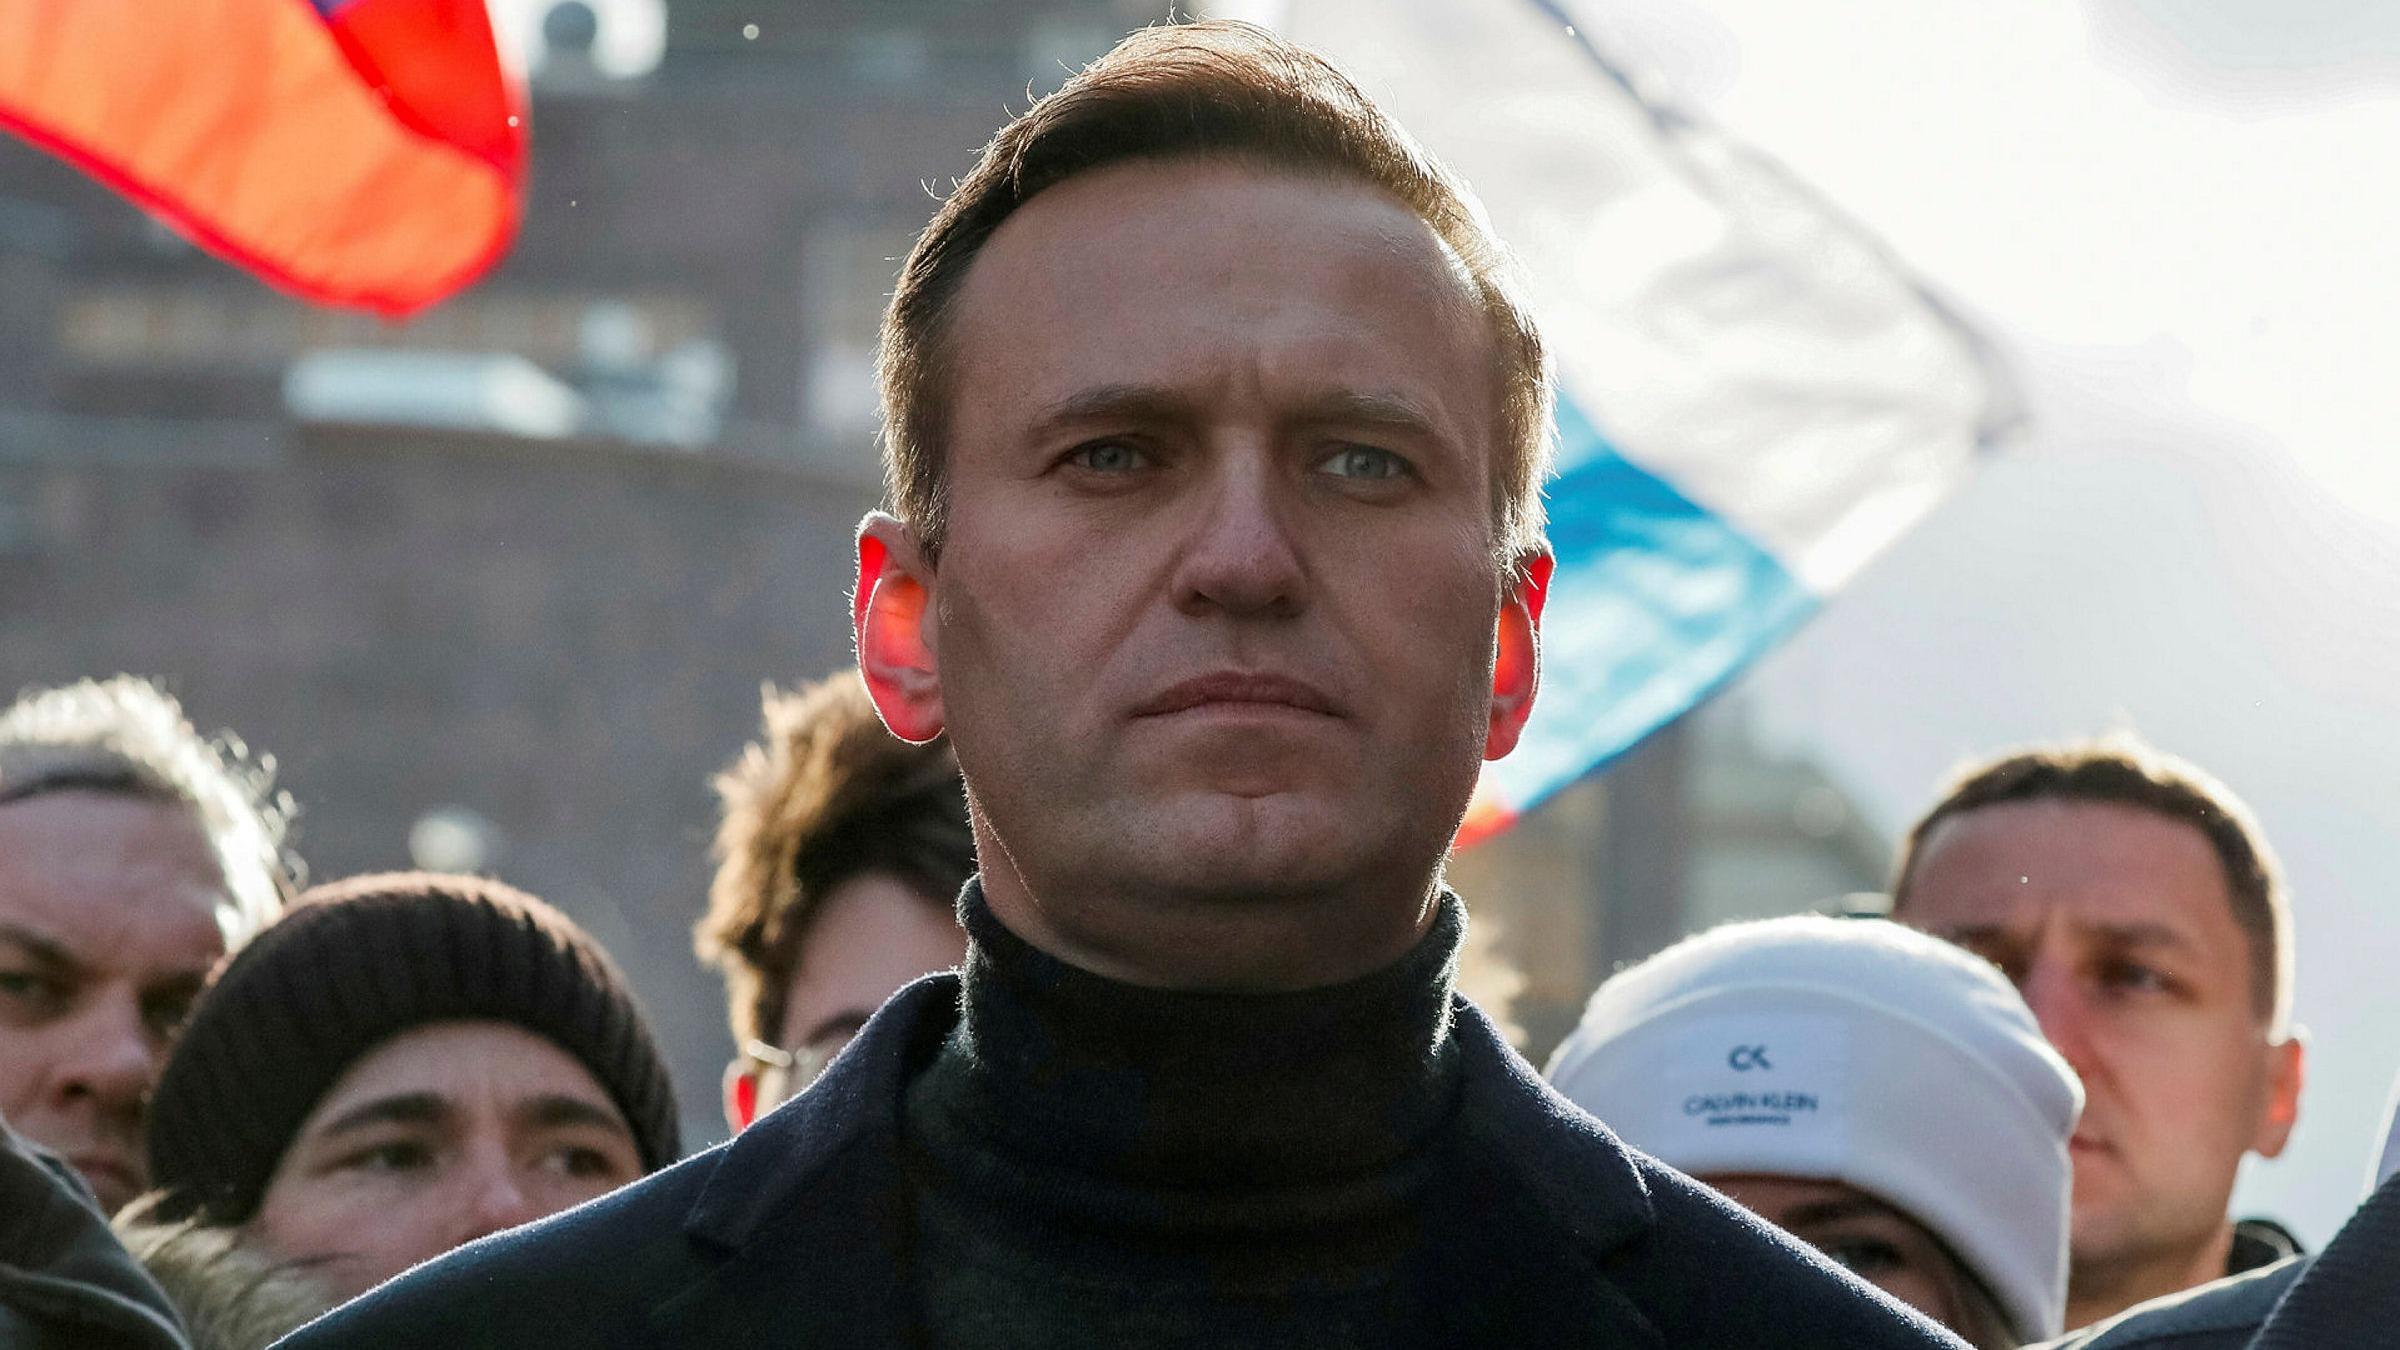 Dënimi i Navalny, BE e gatshme të sanksionojë Rusinë